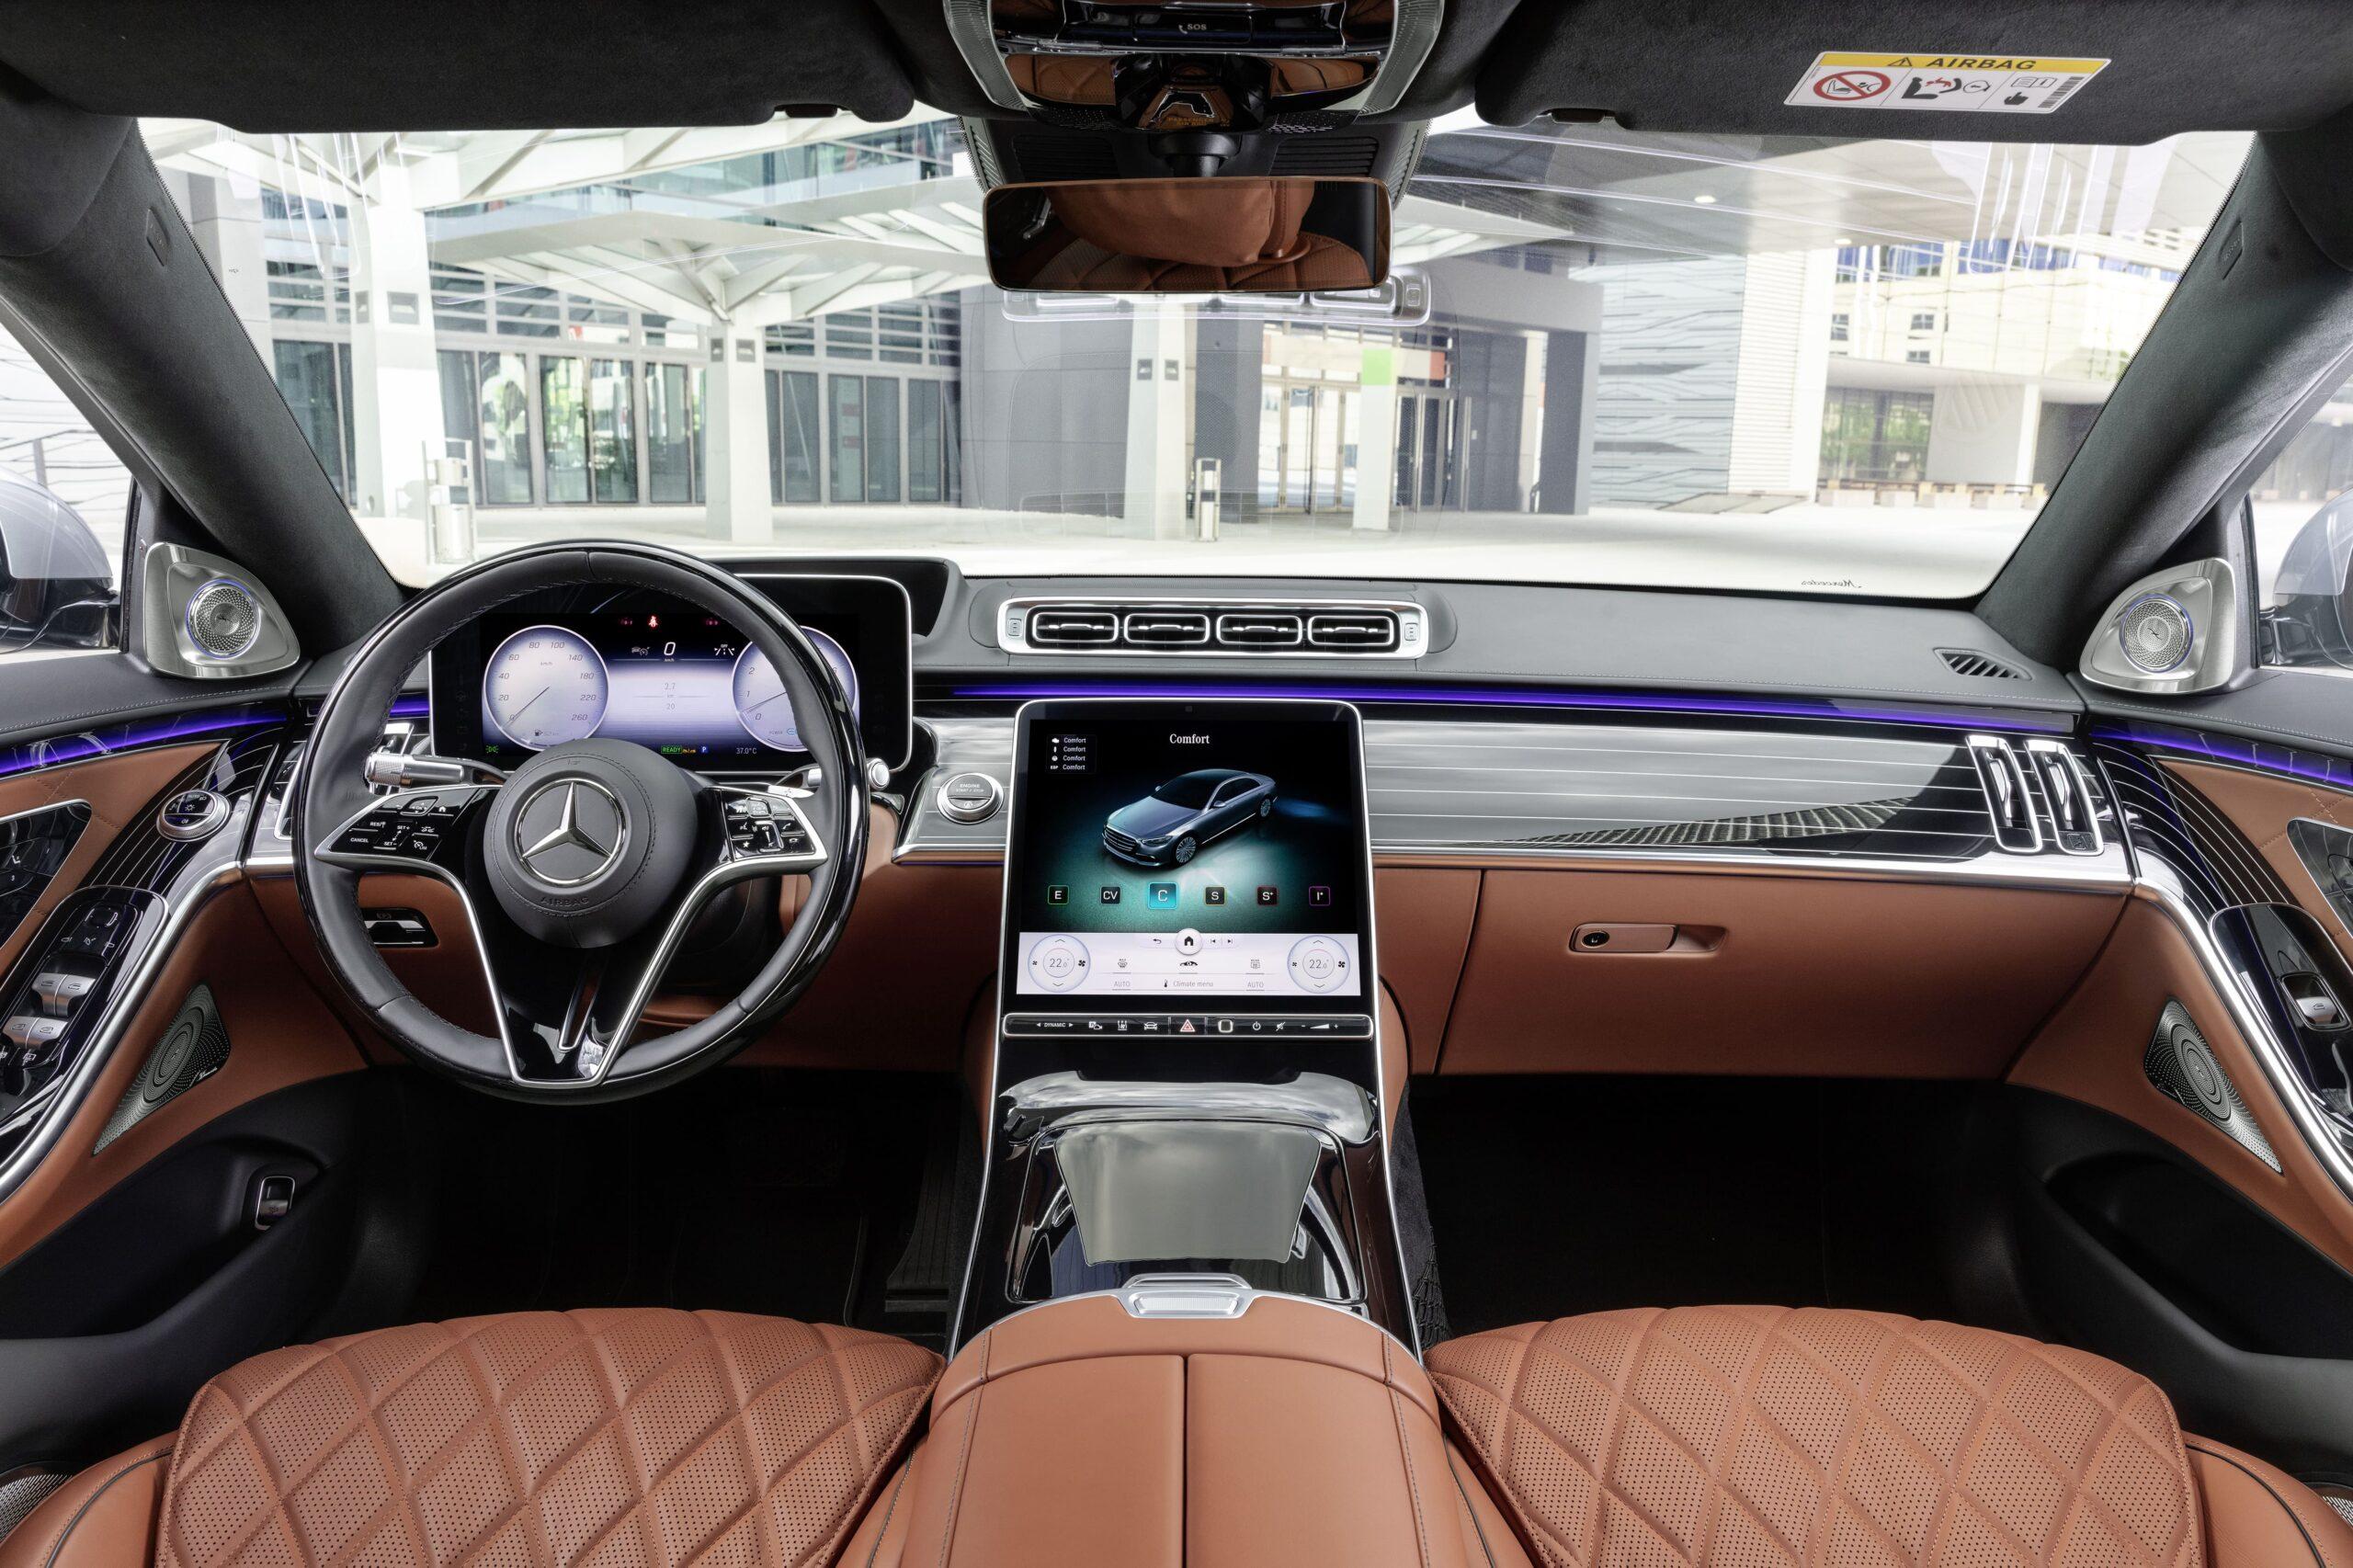 Mercedes Classe S Interni